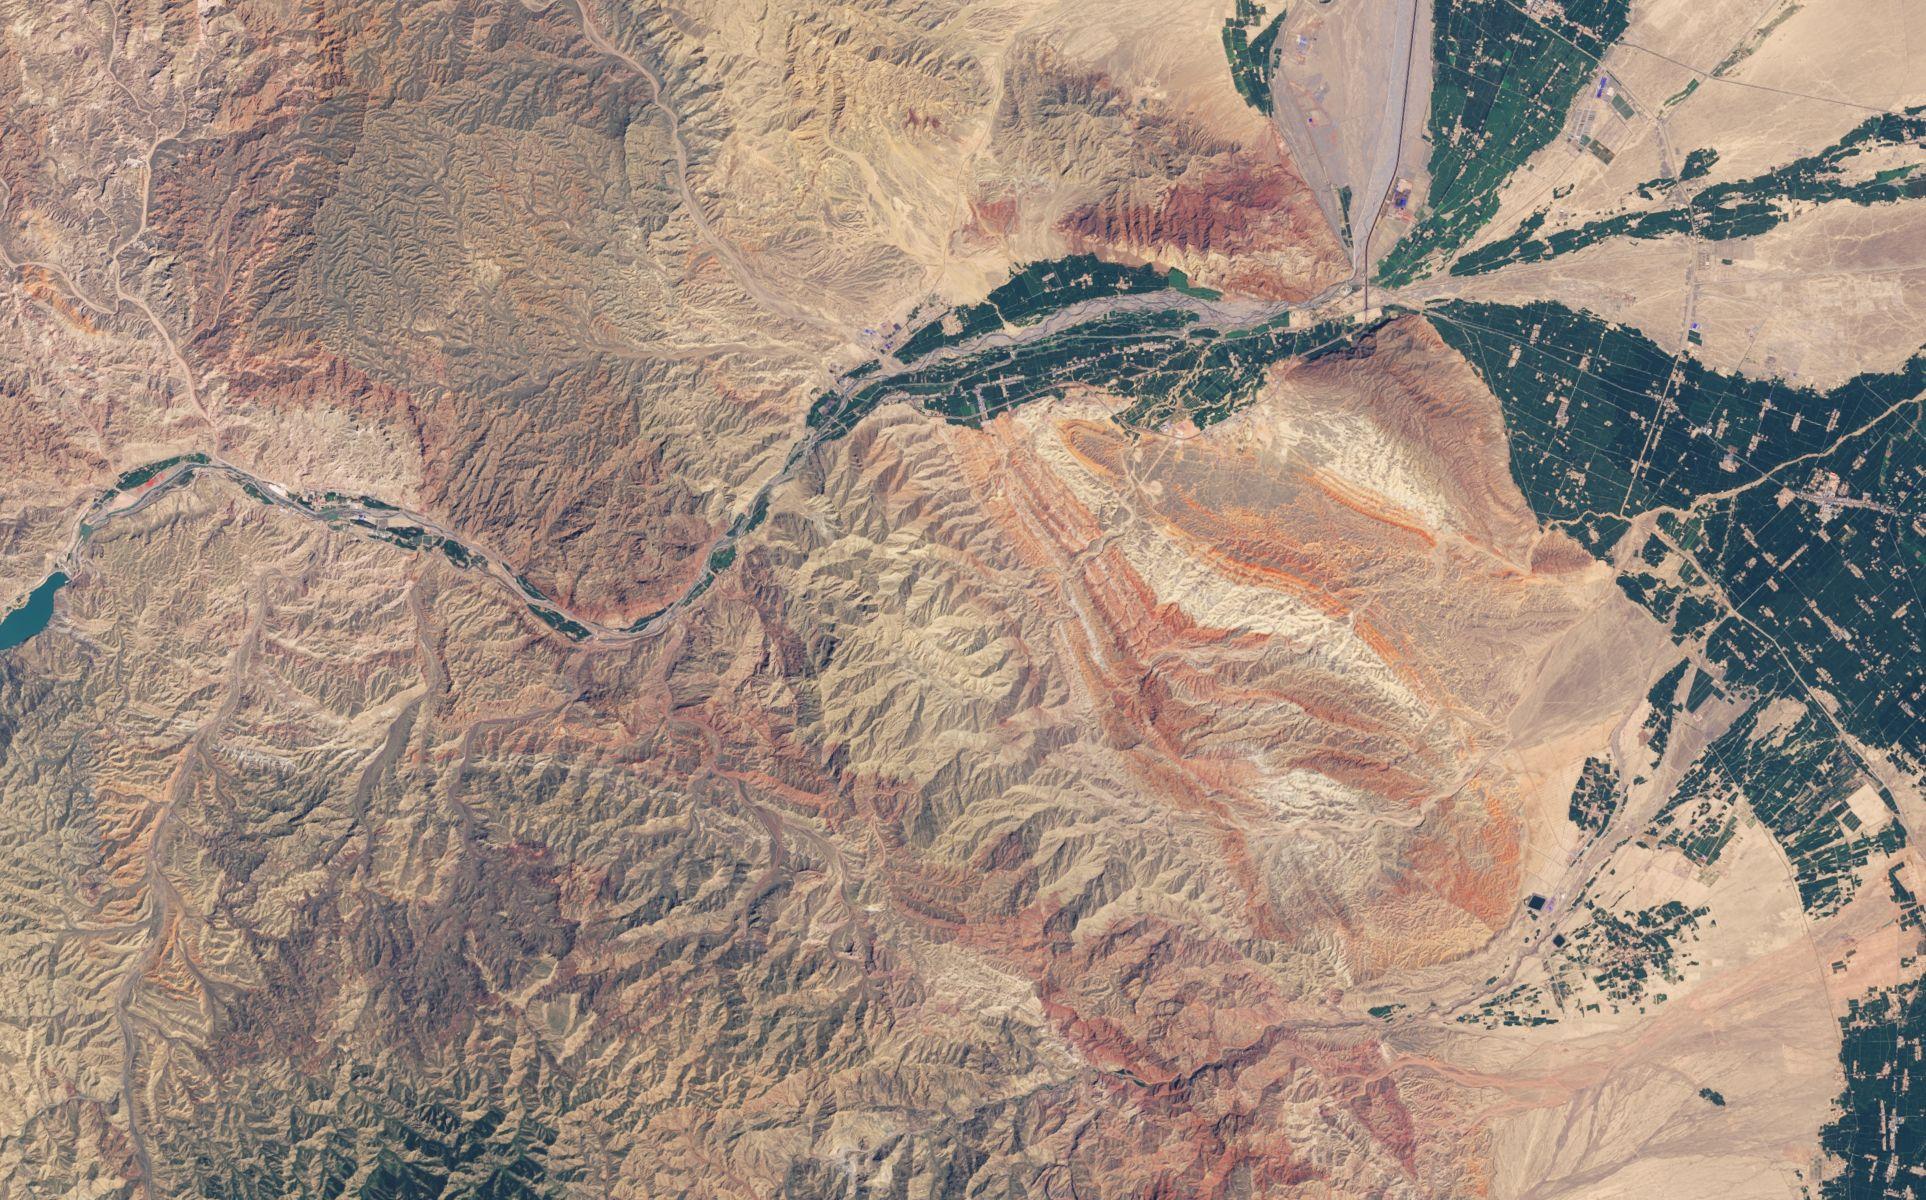 Les reliefs colorés de la région de Zhangye Danxia en Chine vus par le satellite Landsat 8